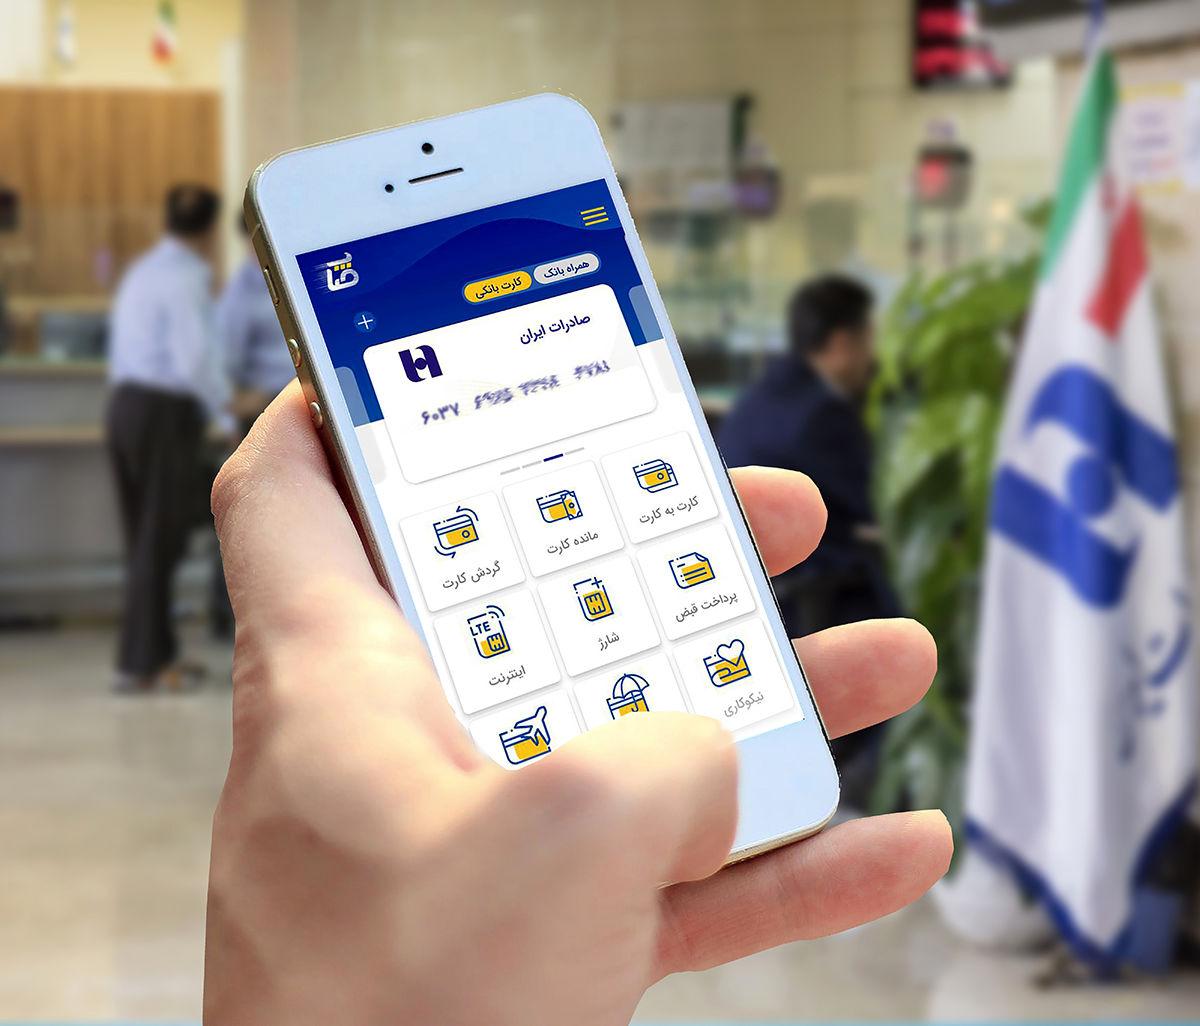 انتشار نسخه جدید «صاپ» بانک صادرات ایران با ٨قابلیت جدید